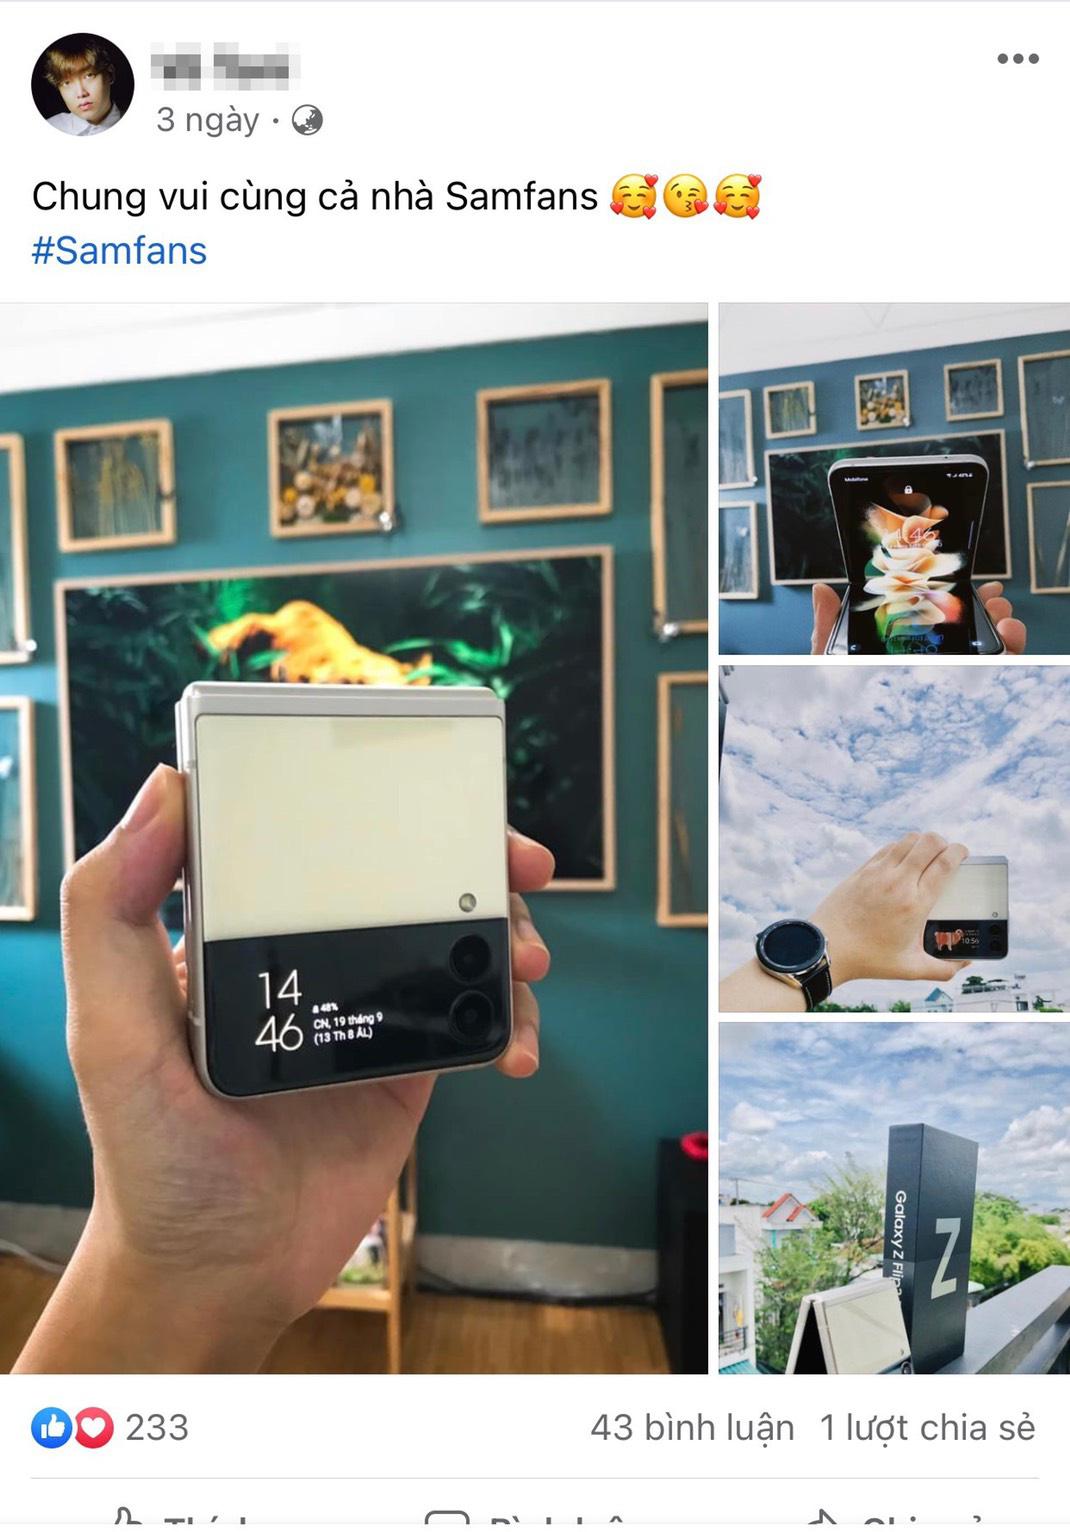 """Quay xe về Galaxy Z Flip3, """"Phê chữ ê kéo dài"""" nên máy trong tay phải khoe ngay cho nóng - Ảnh 4."""